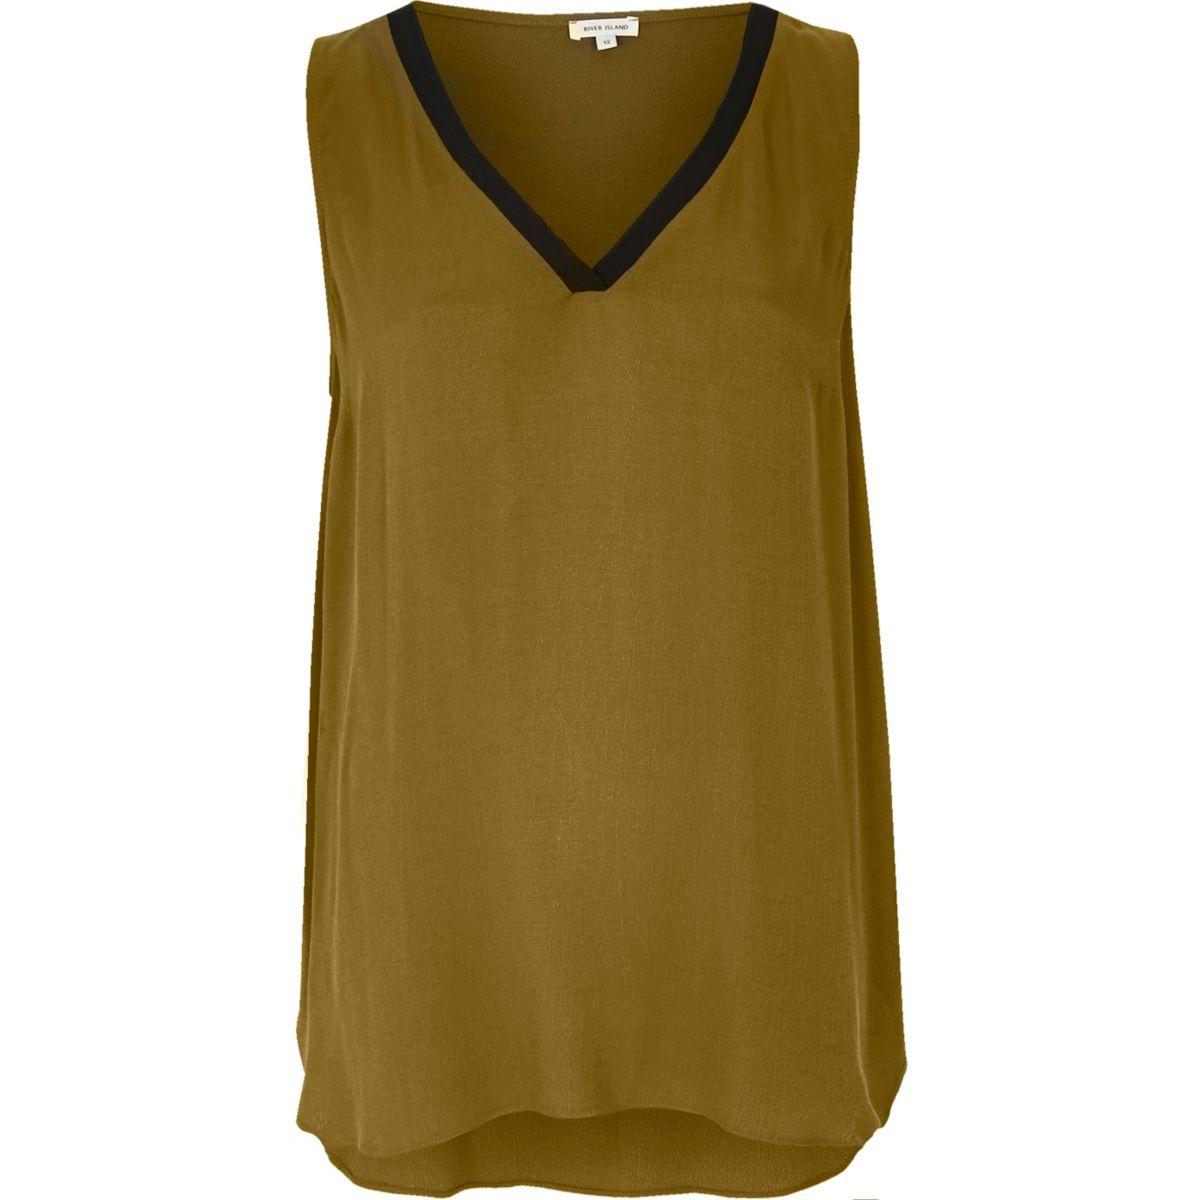 Khaki sporty V-neck vest